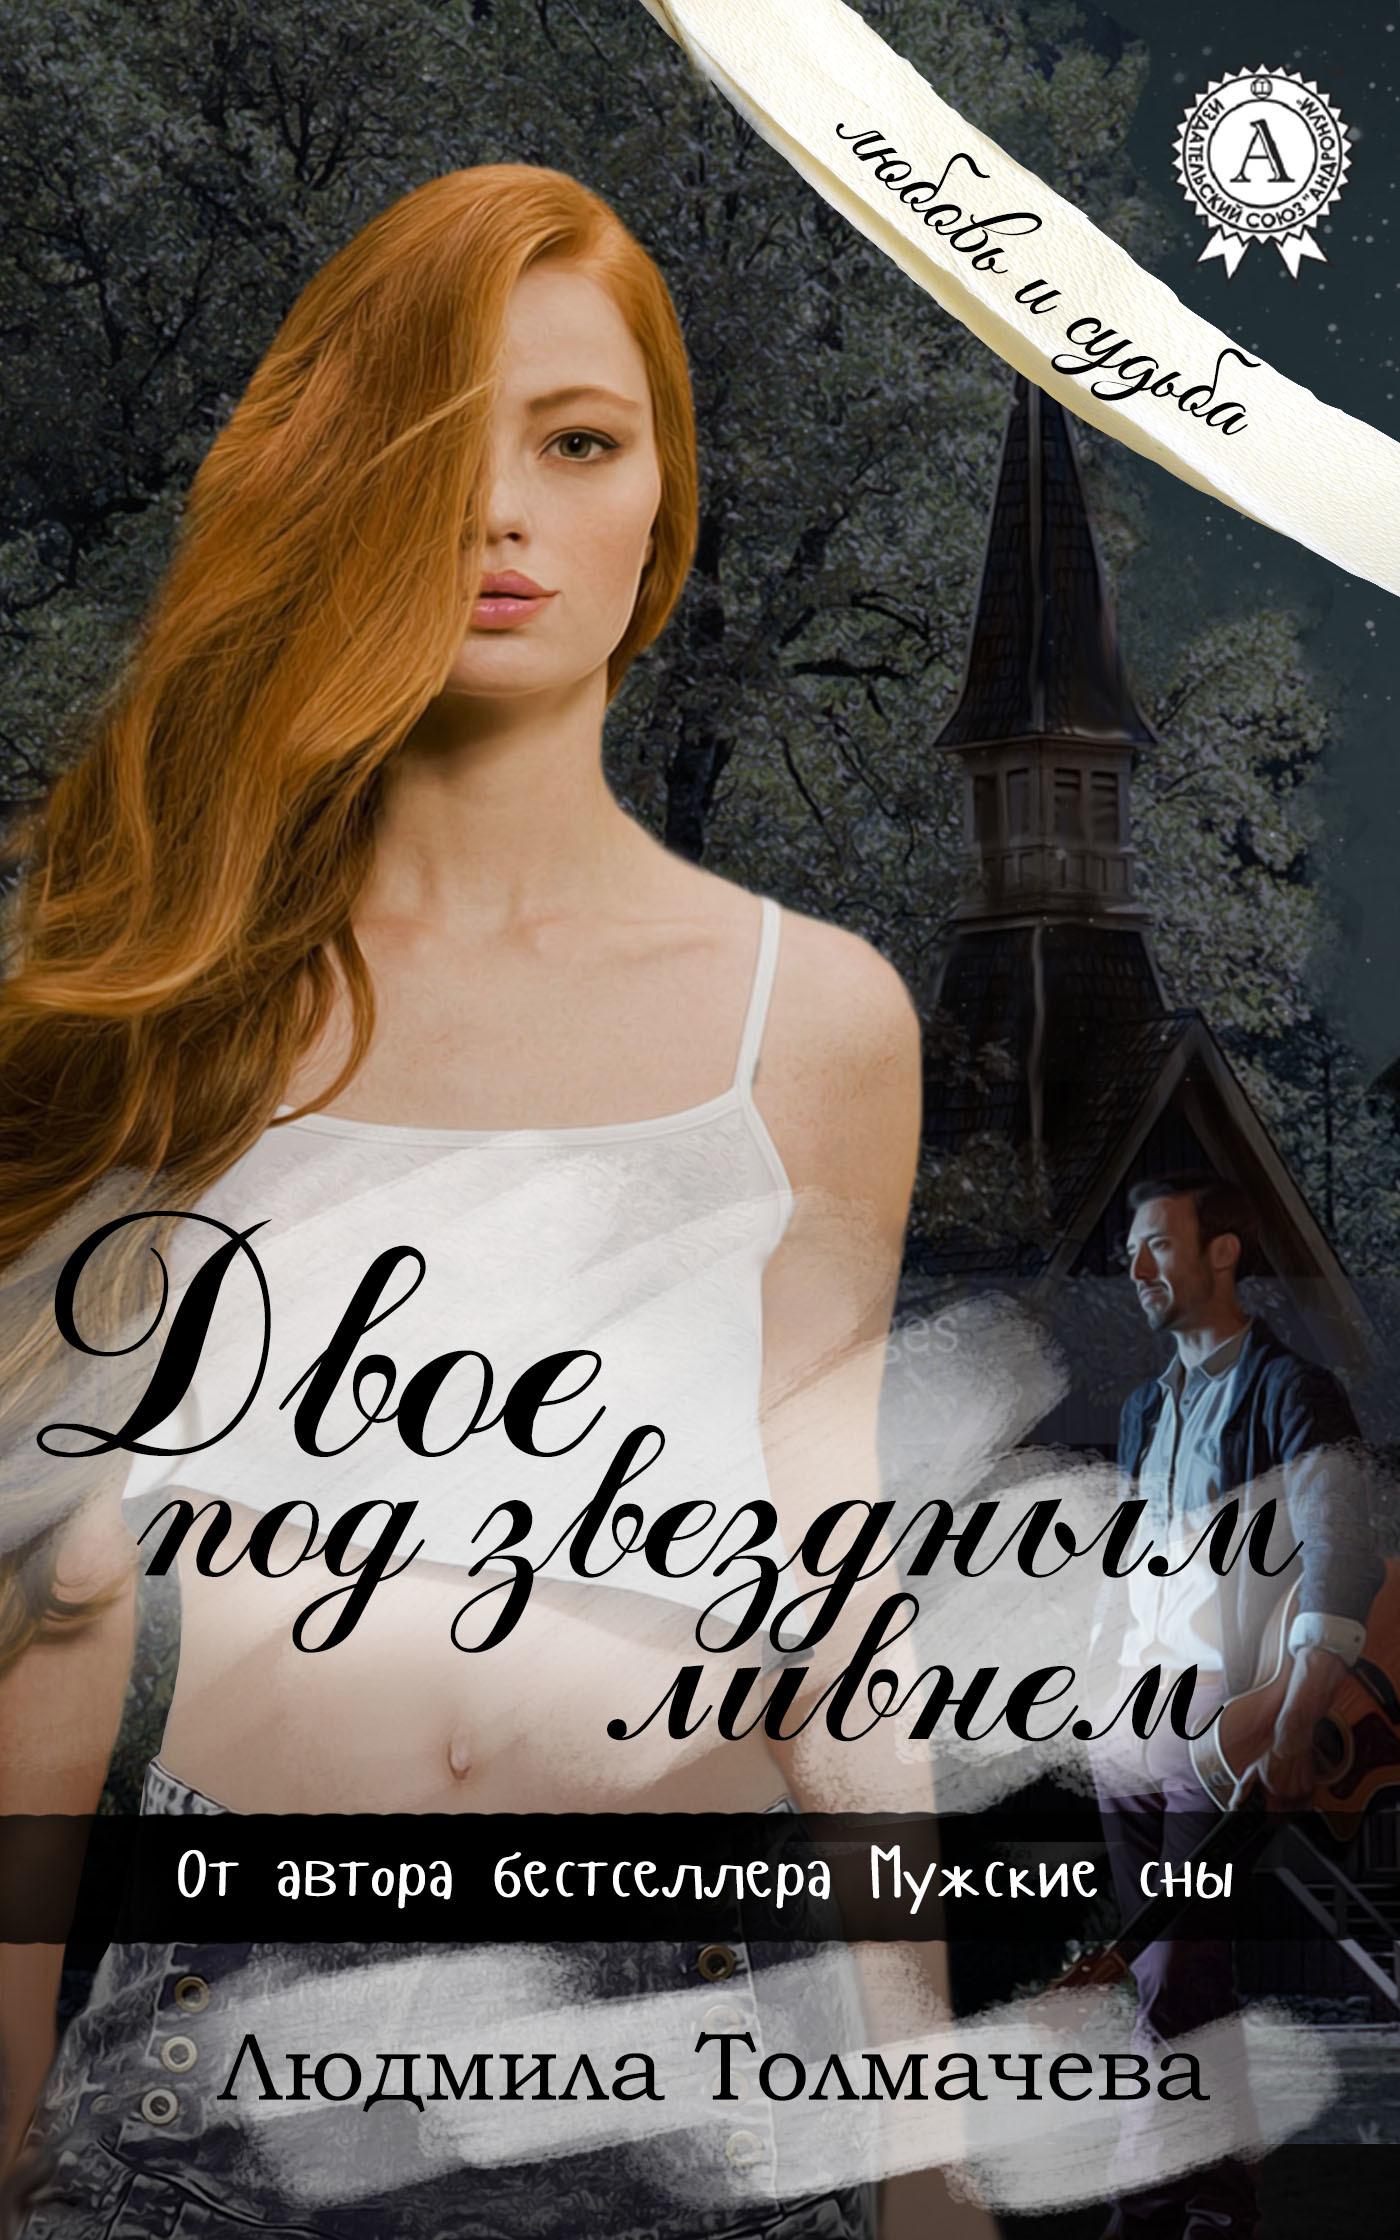 Людмила Толмачева Двое под звездным ливнем